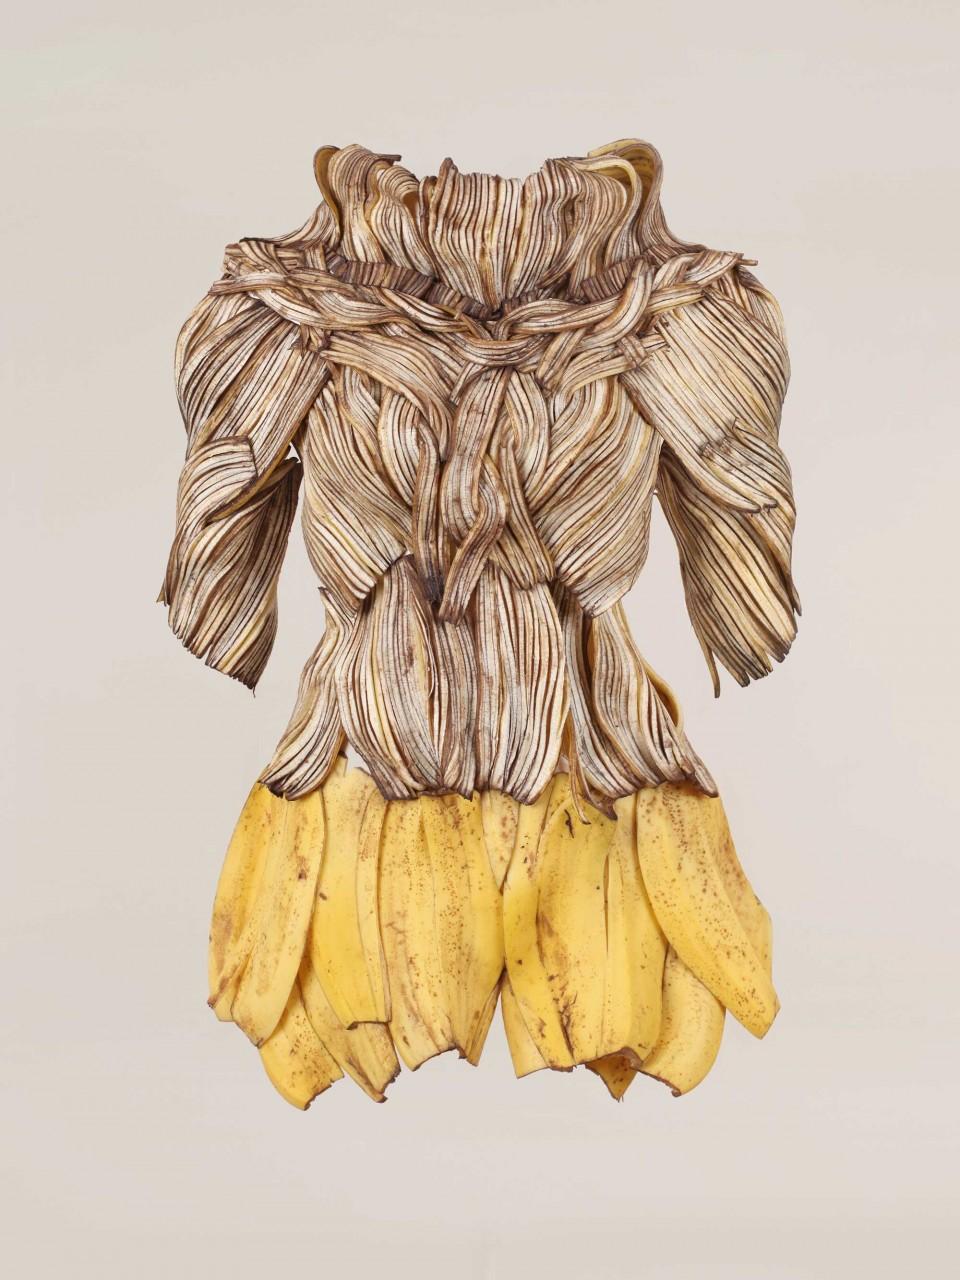 바나나. 피그먼트 프린트, 120×160cm 2010. 바나나로 니트와 스커트를 만들었다. 니트는 바나나의 갈변하는 성질을 이용한 것이다. © 박성영